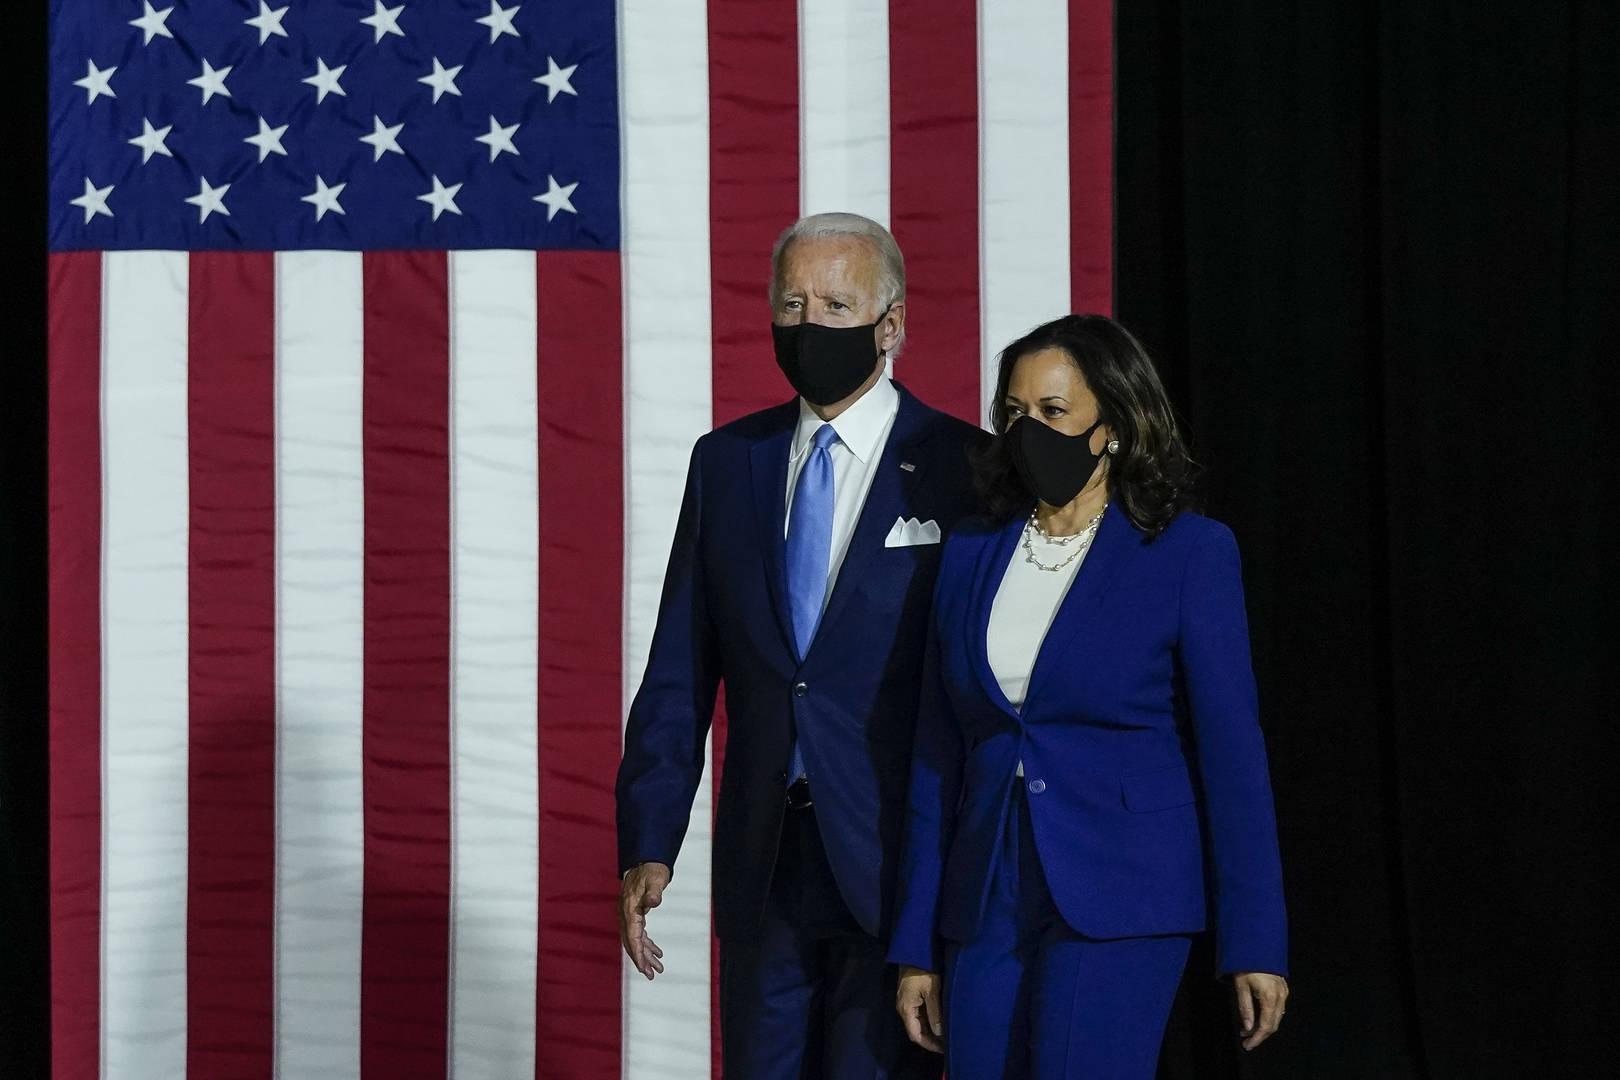 Joe Biden, Kamala Harris, Élection 2020, Résultats des élections, Discours électoral